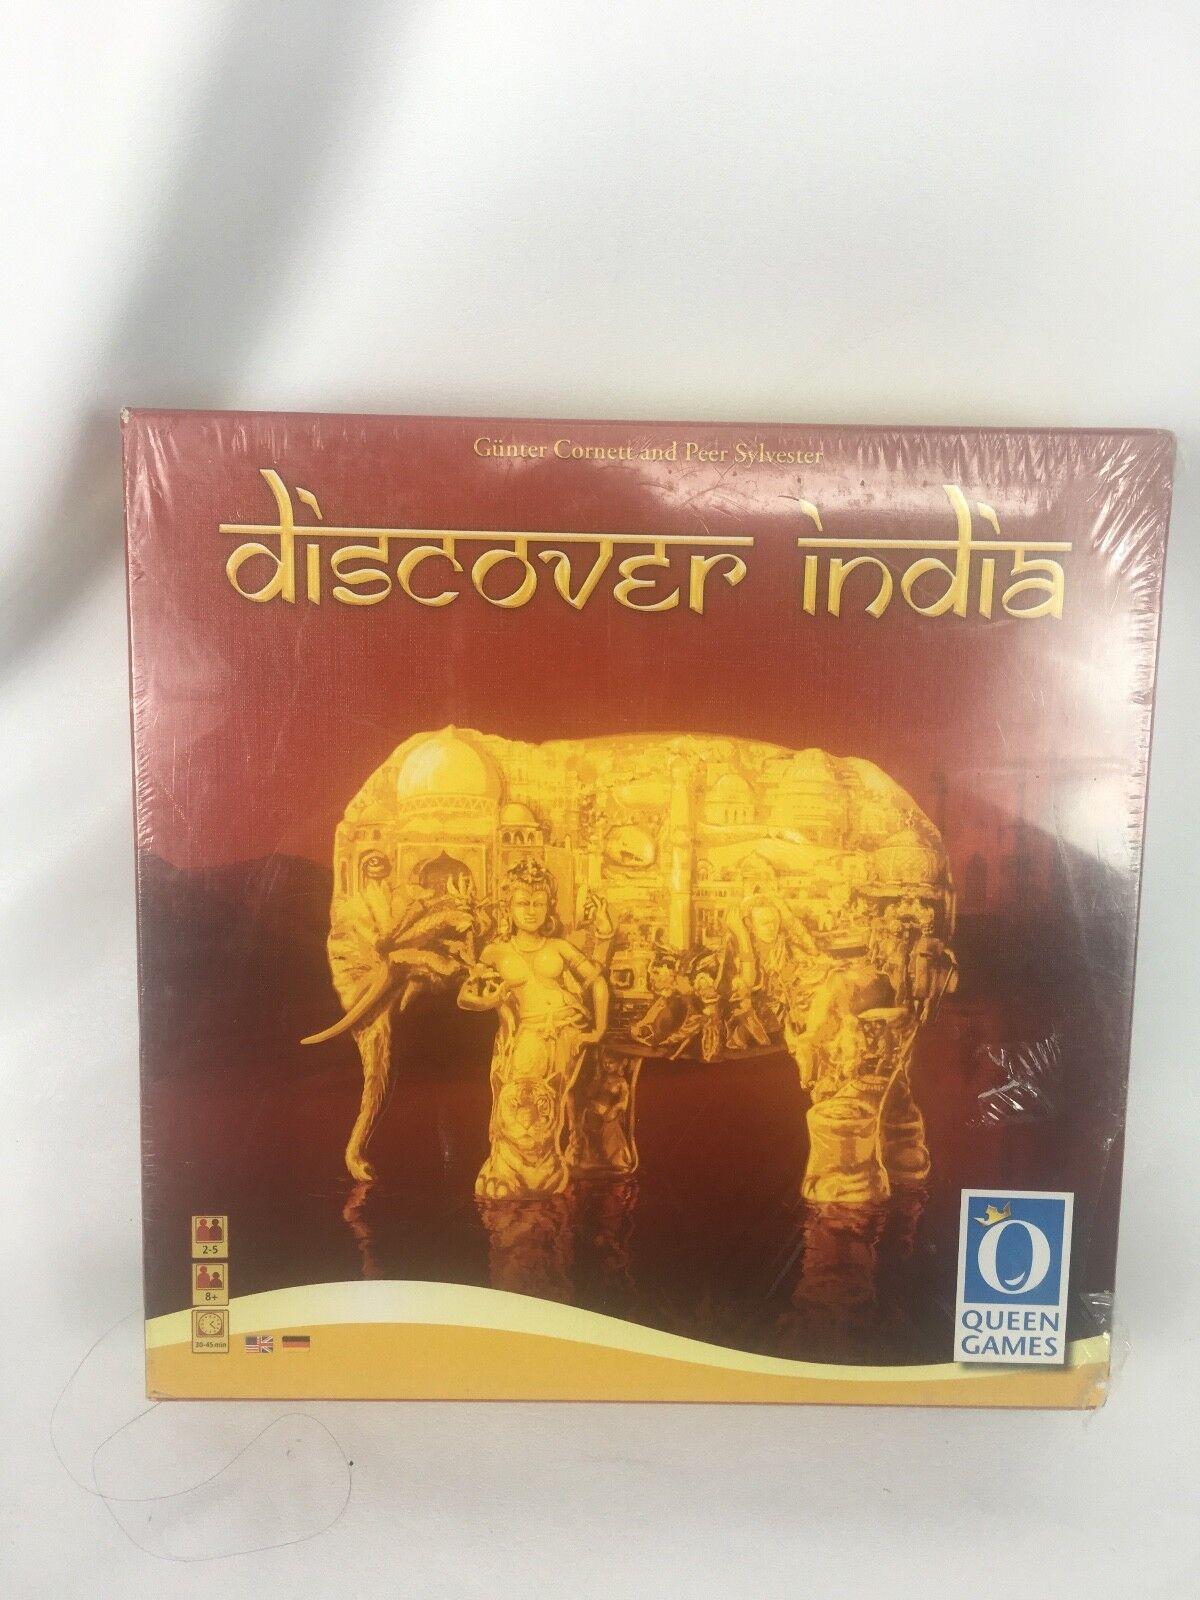 Entdecken sie indiens brettspiel von queen games neu versiegelt, 2 bis 5 spieler